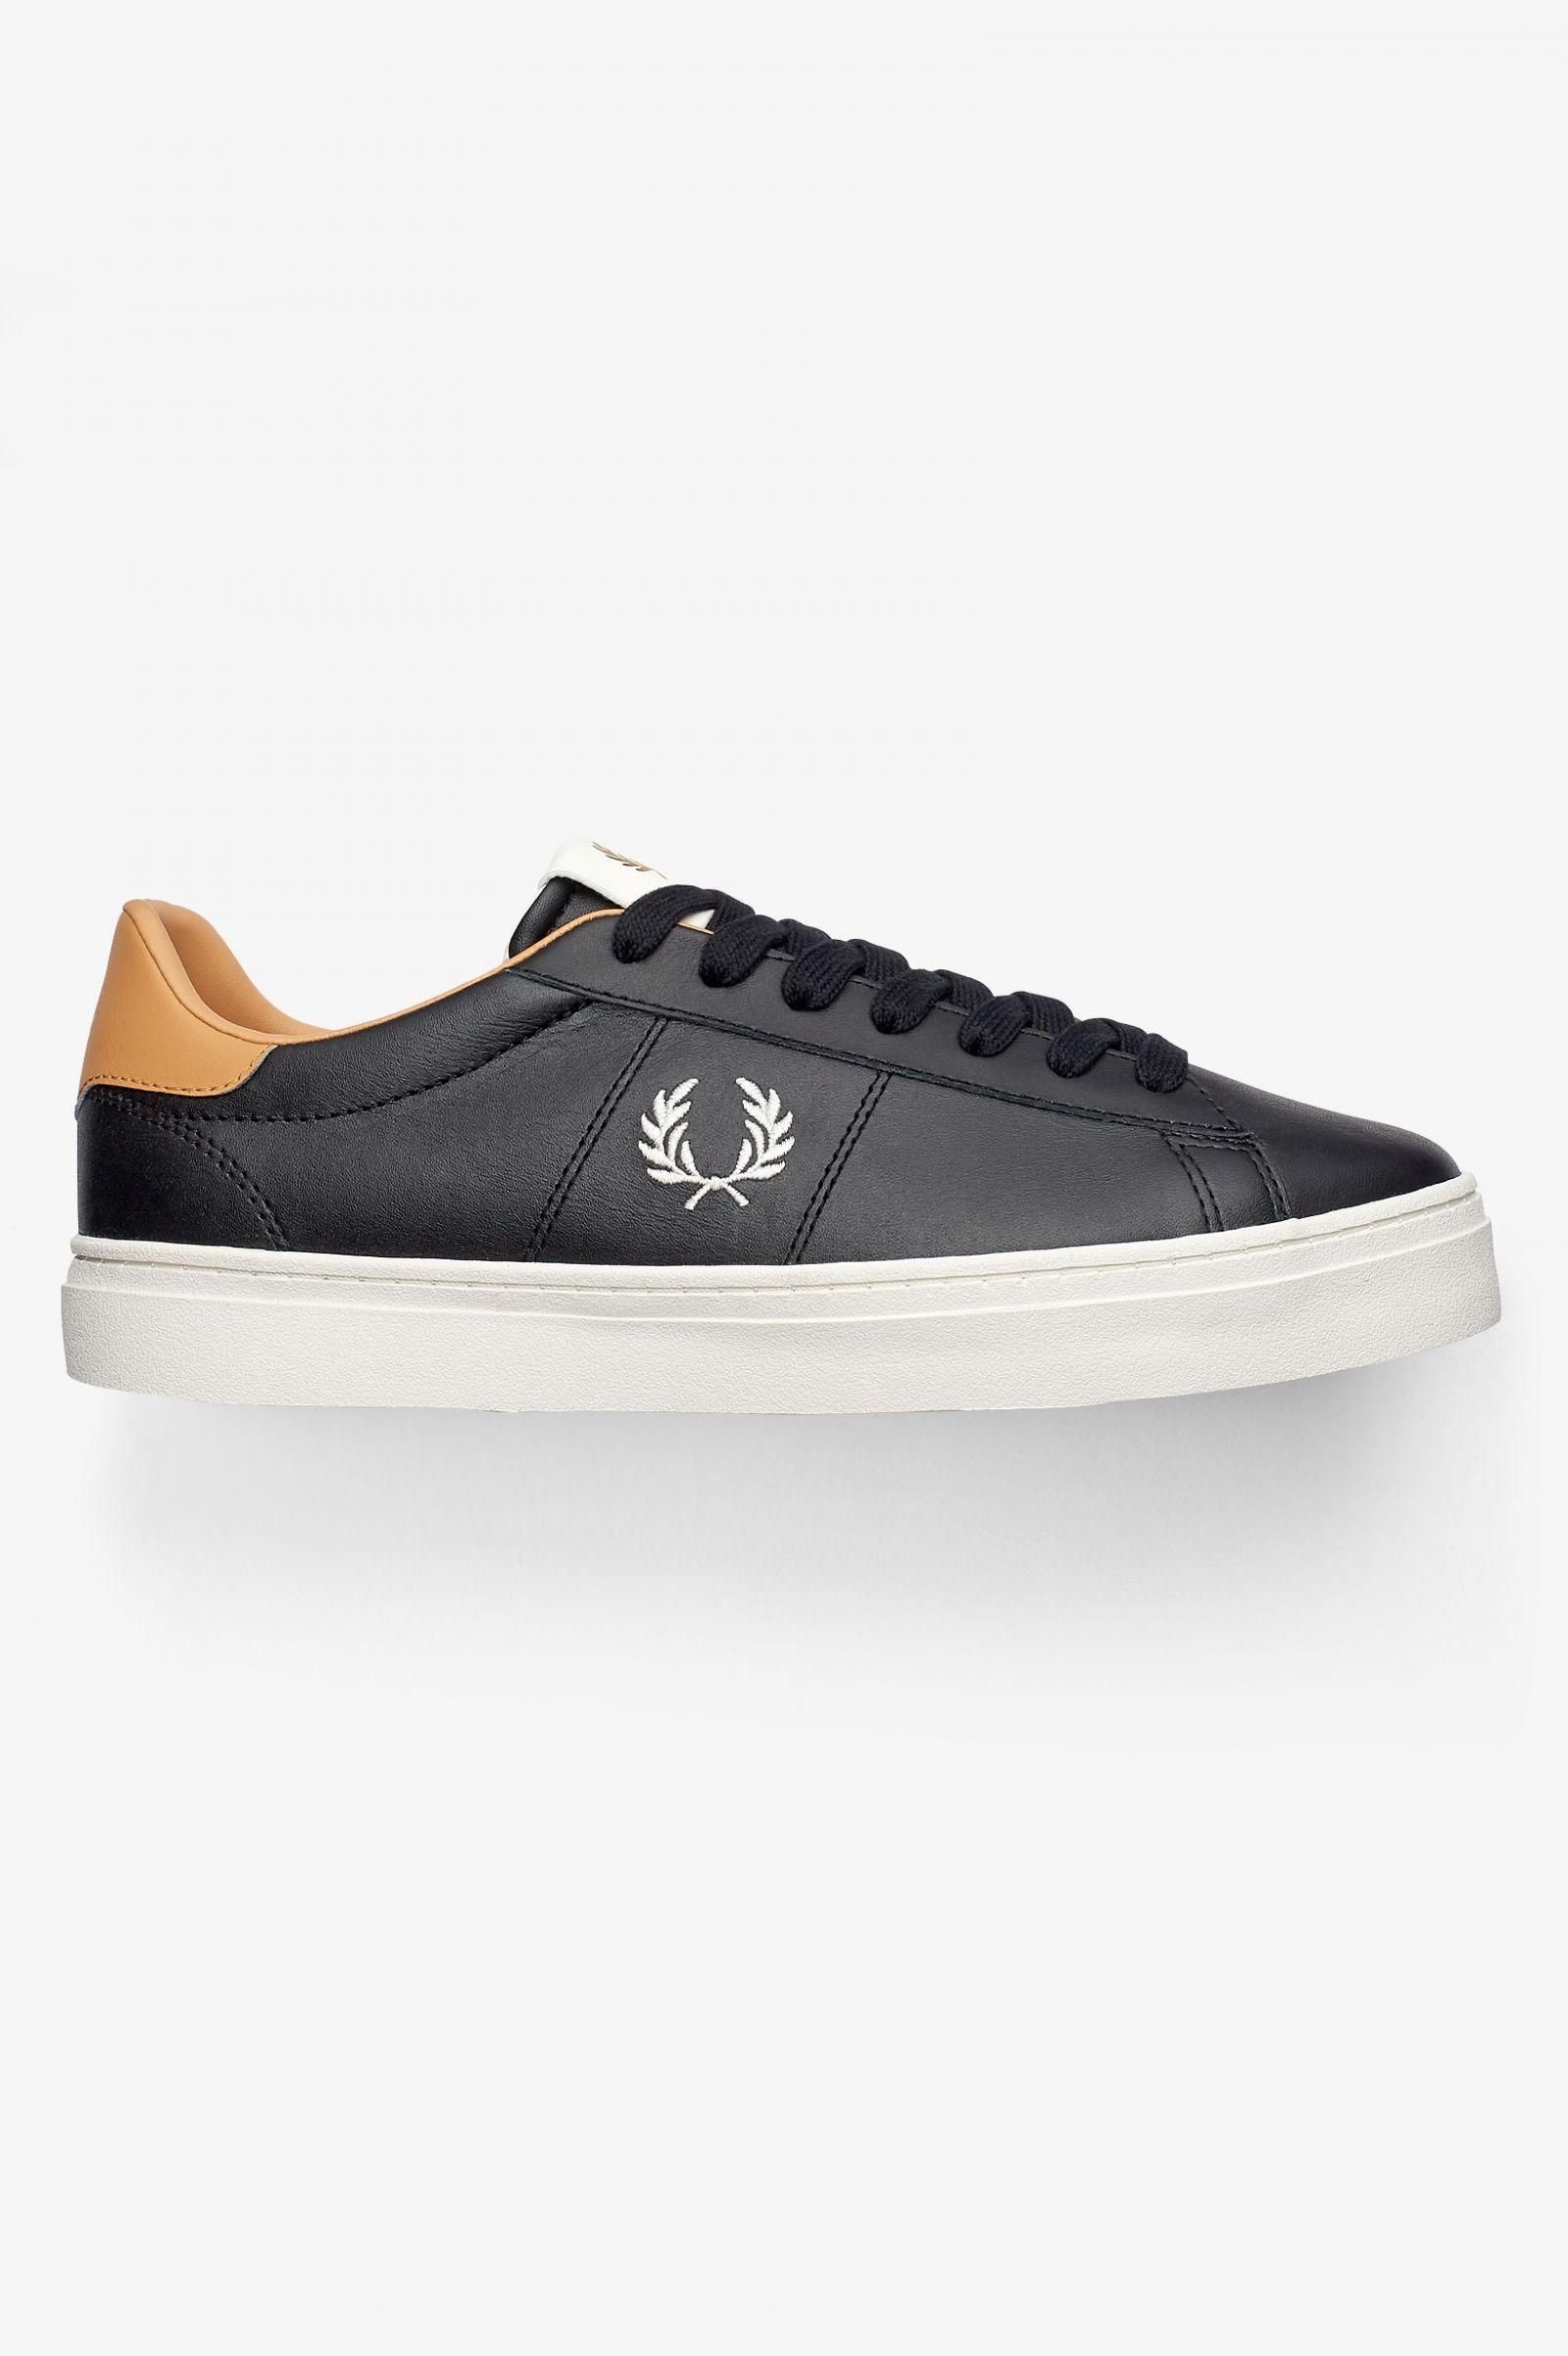 Spencer Vulcanised Leather - Black